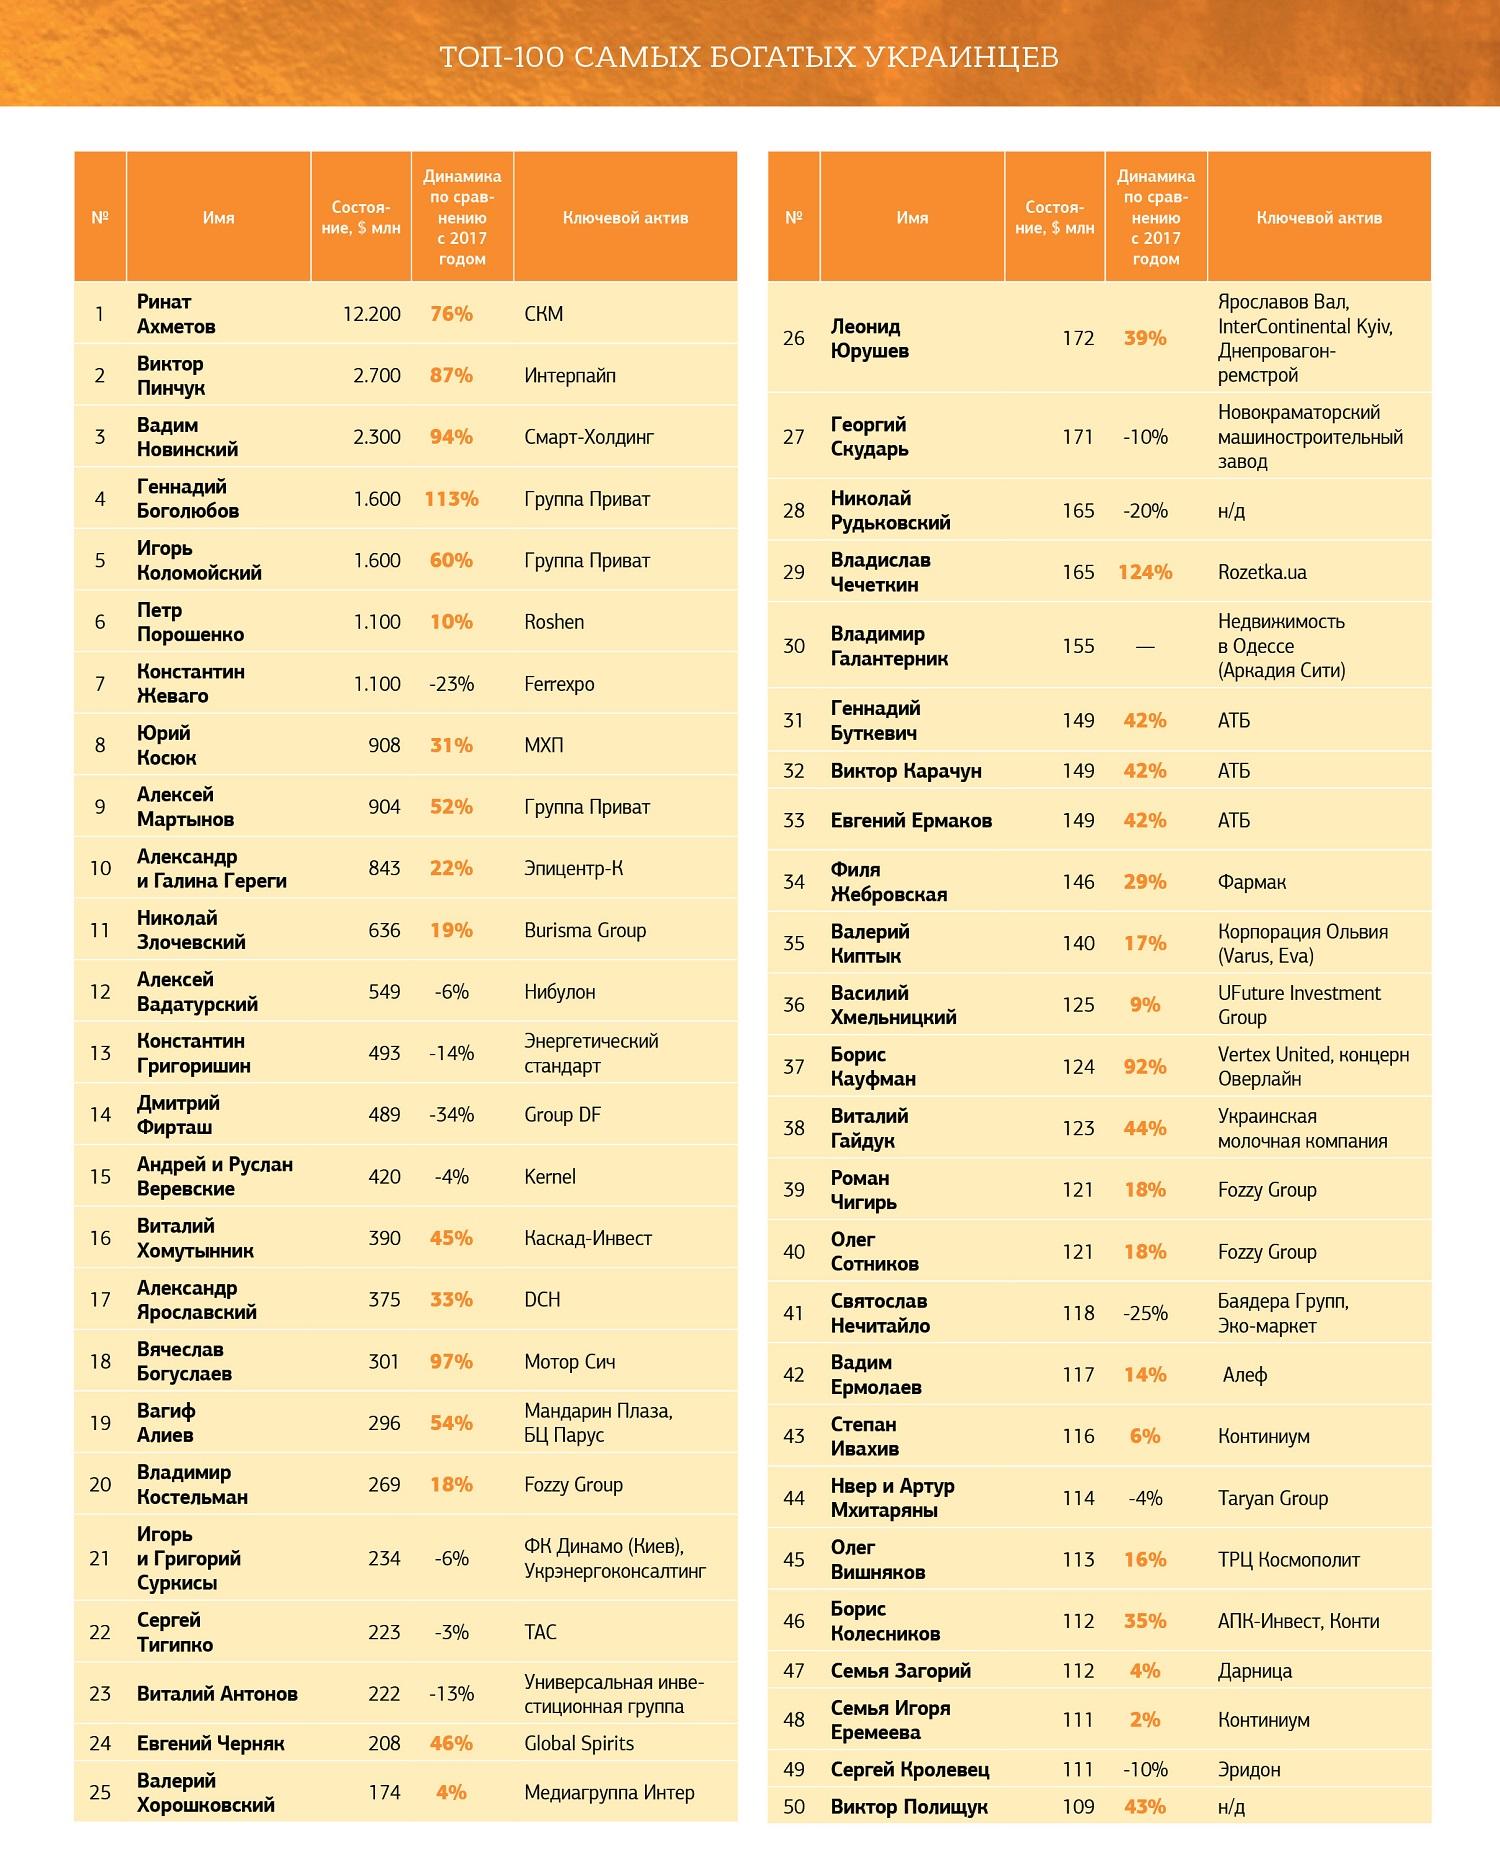 ТОП-100 самых богатых украинцев в 2019, часть 1